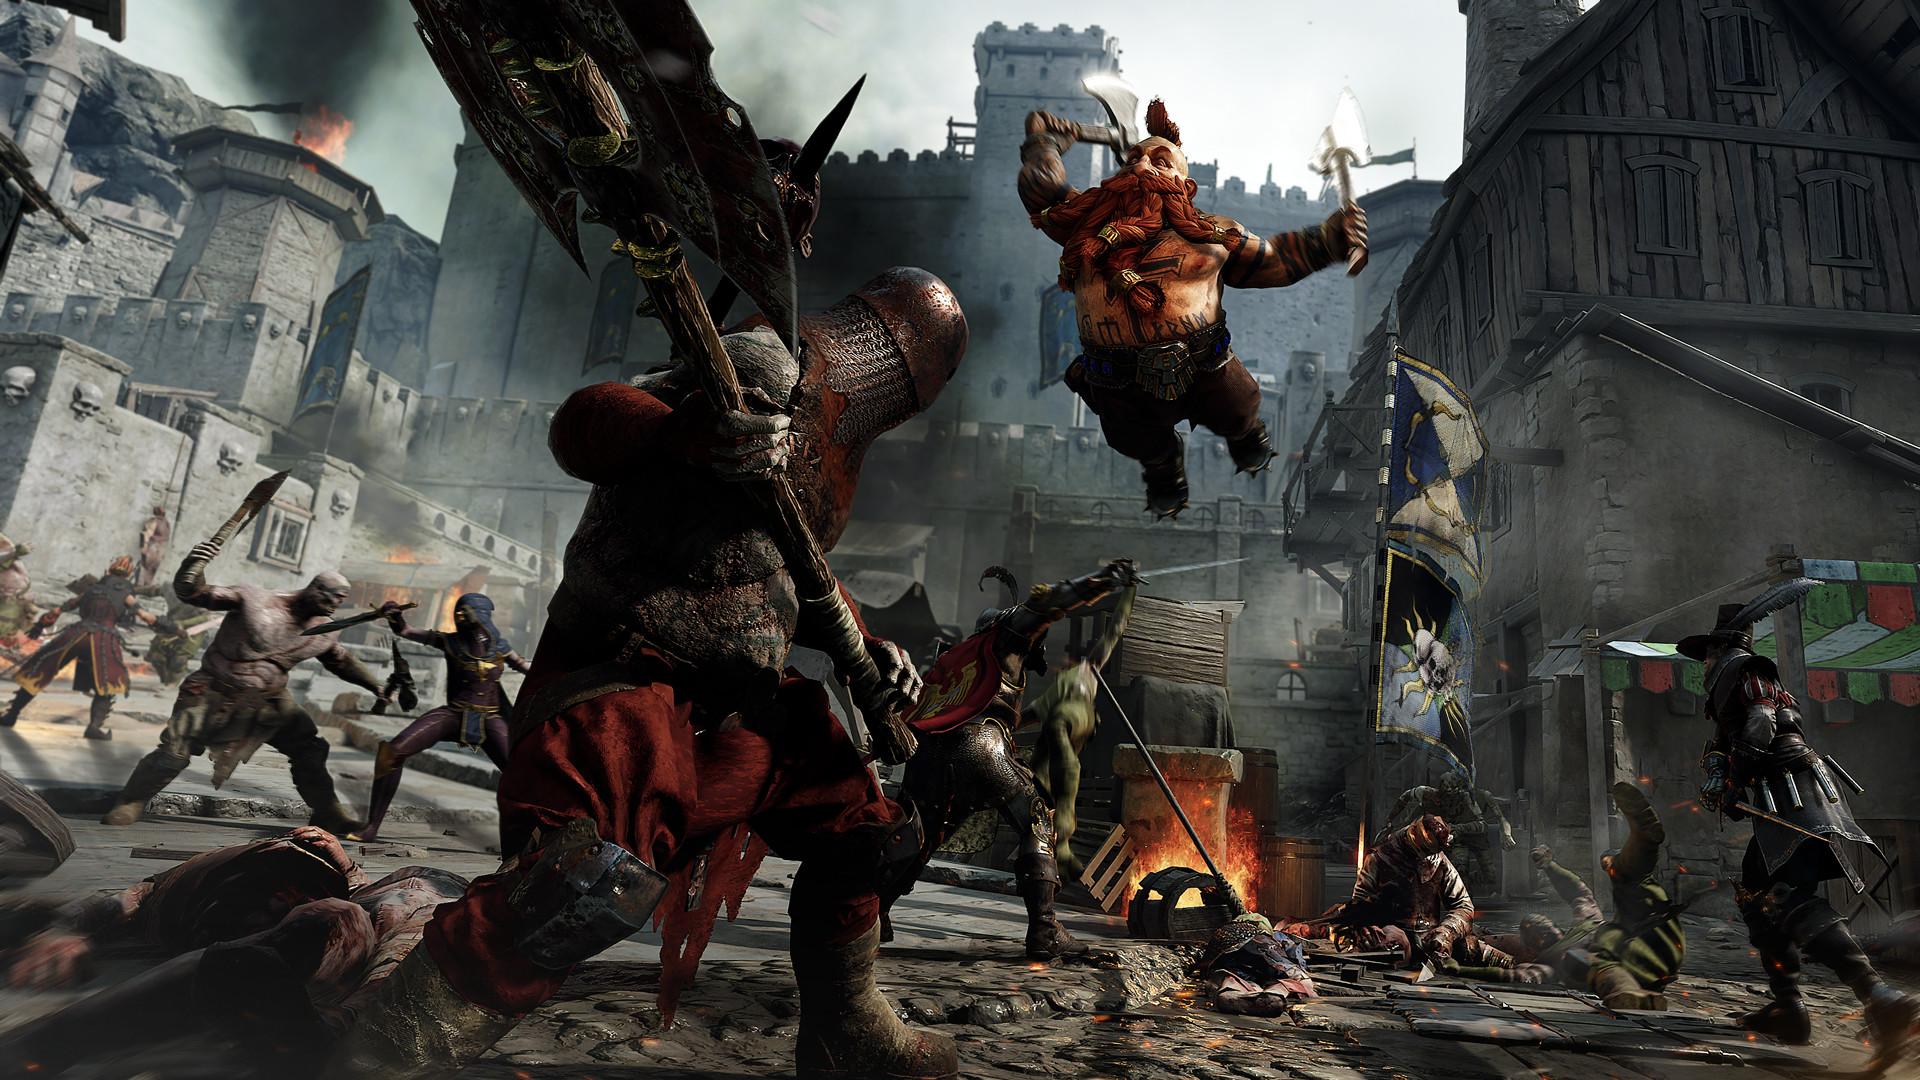 Для PS4-версии 'Warhammer: Vermintide 2' выпушены три бесплатные карты